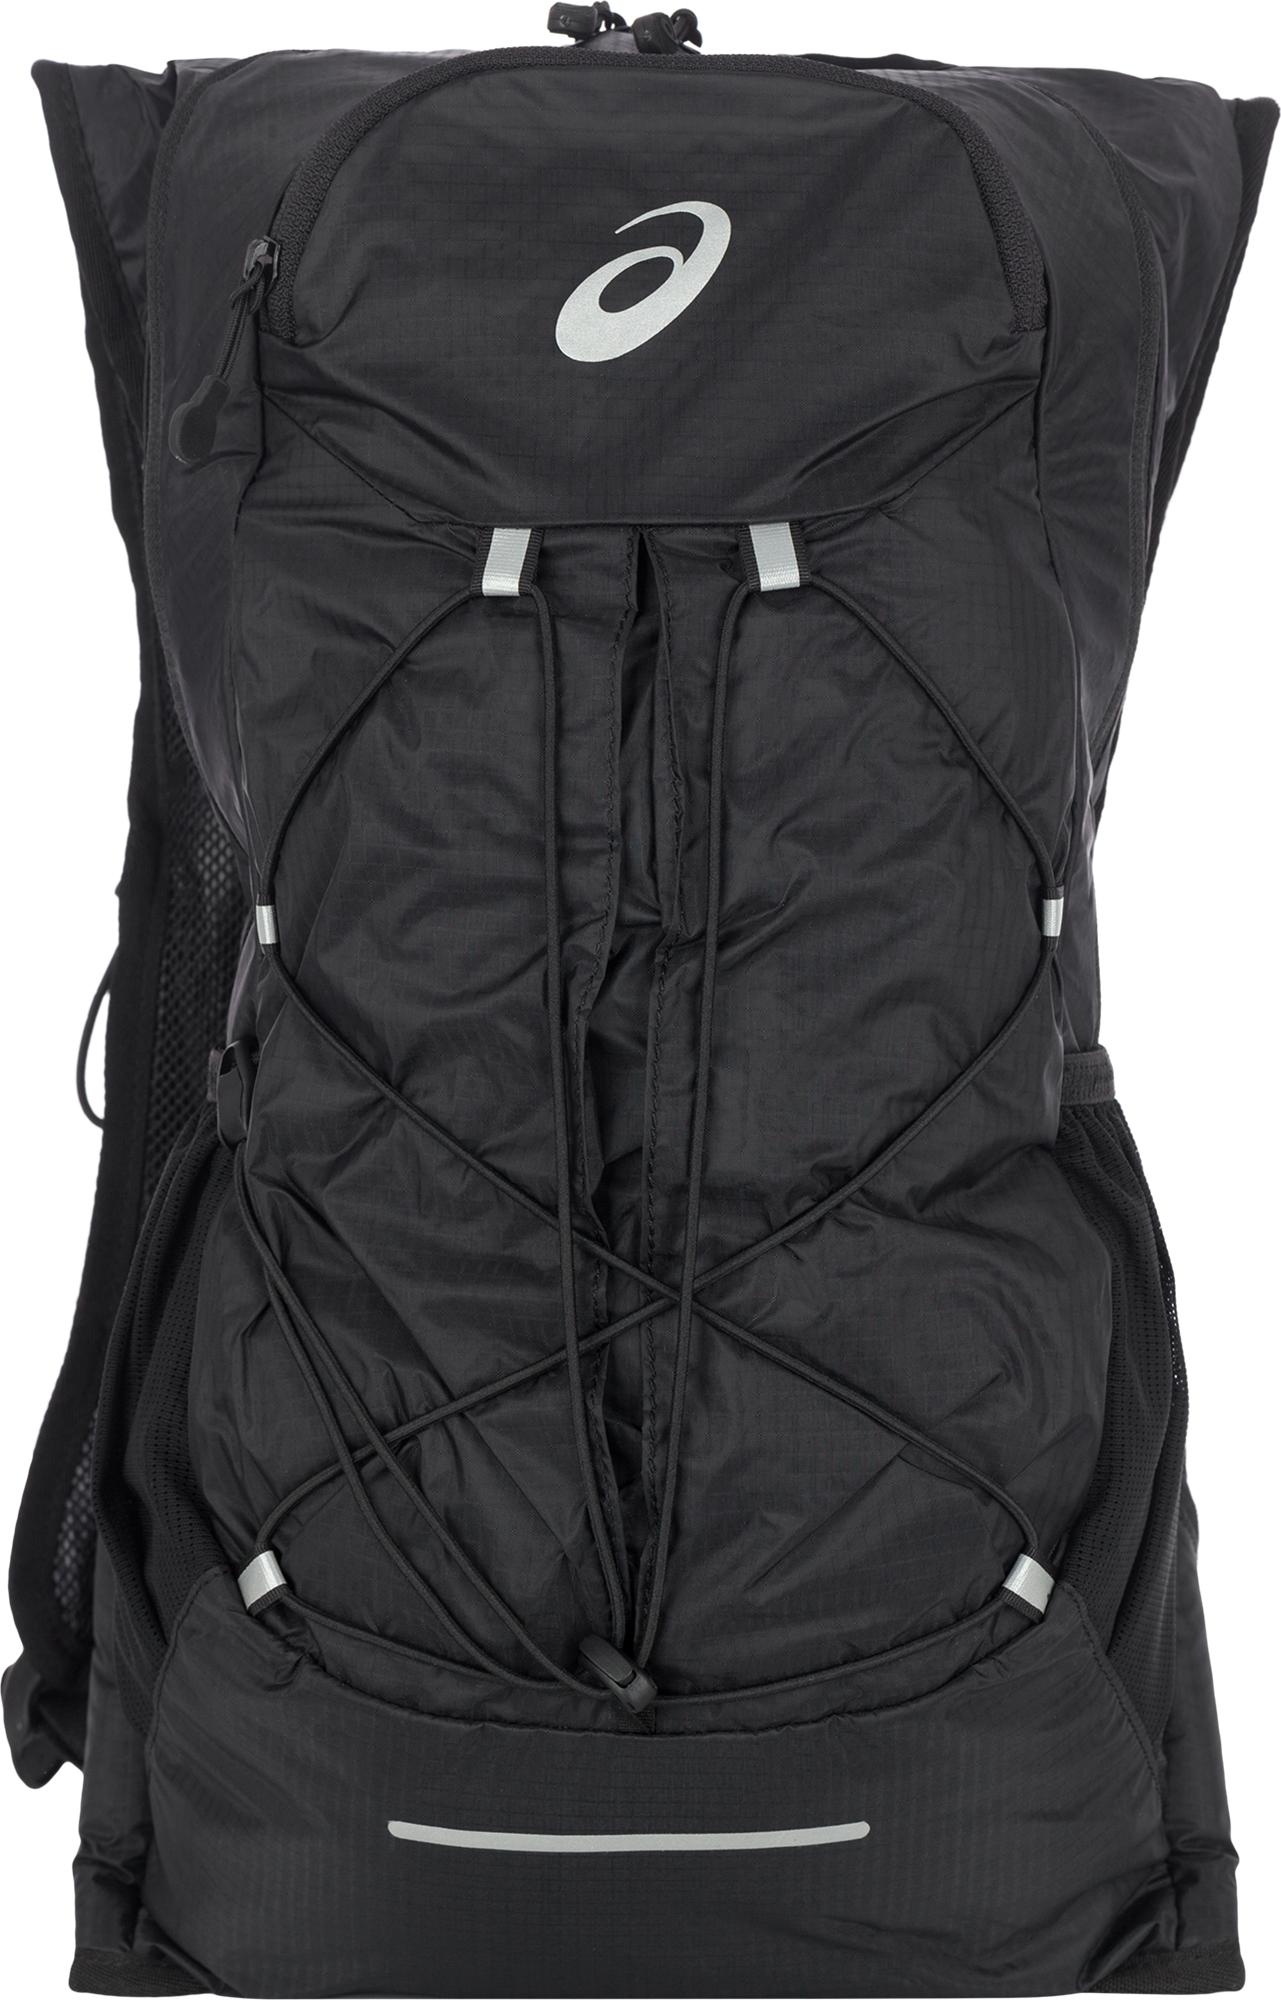 3c24944599db Вместительный рюкзак от asics - идеальный вариант для бега. Благодаря  эргономичной конструкции с регулируемыми ремешками на груди и поясе модель  плотно ...